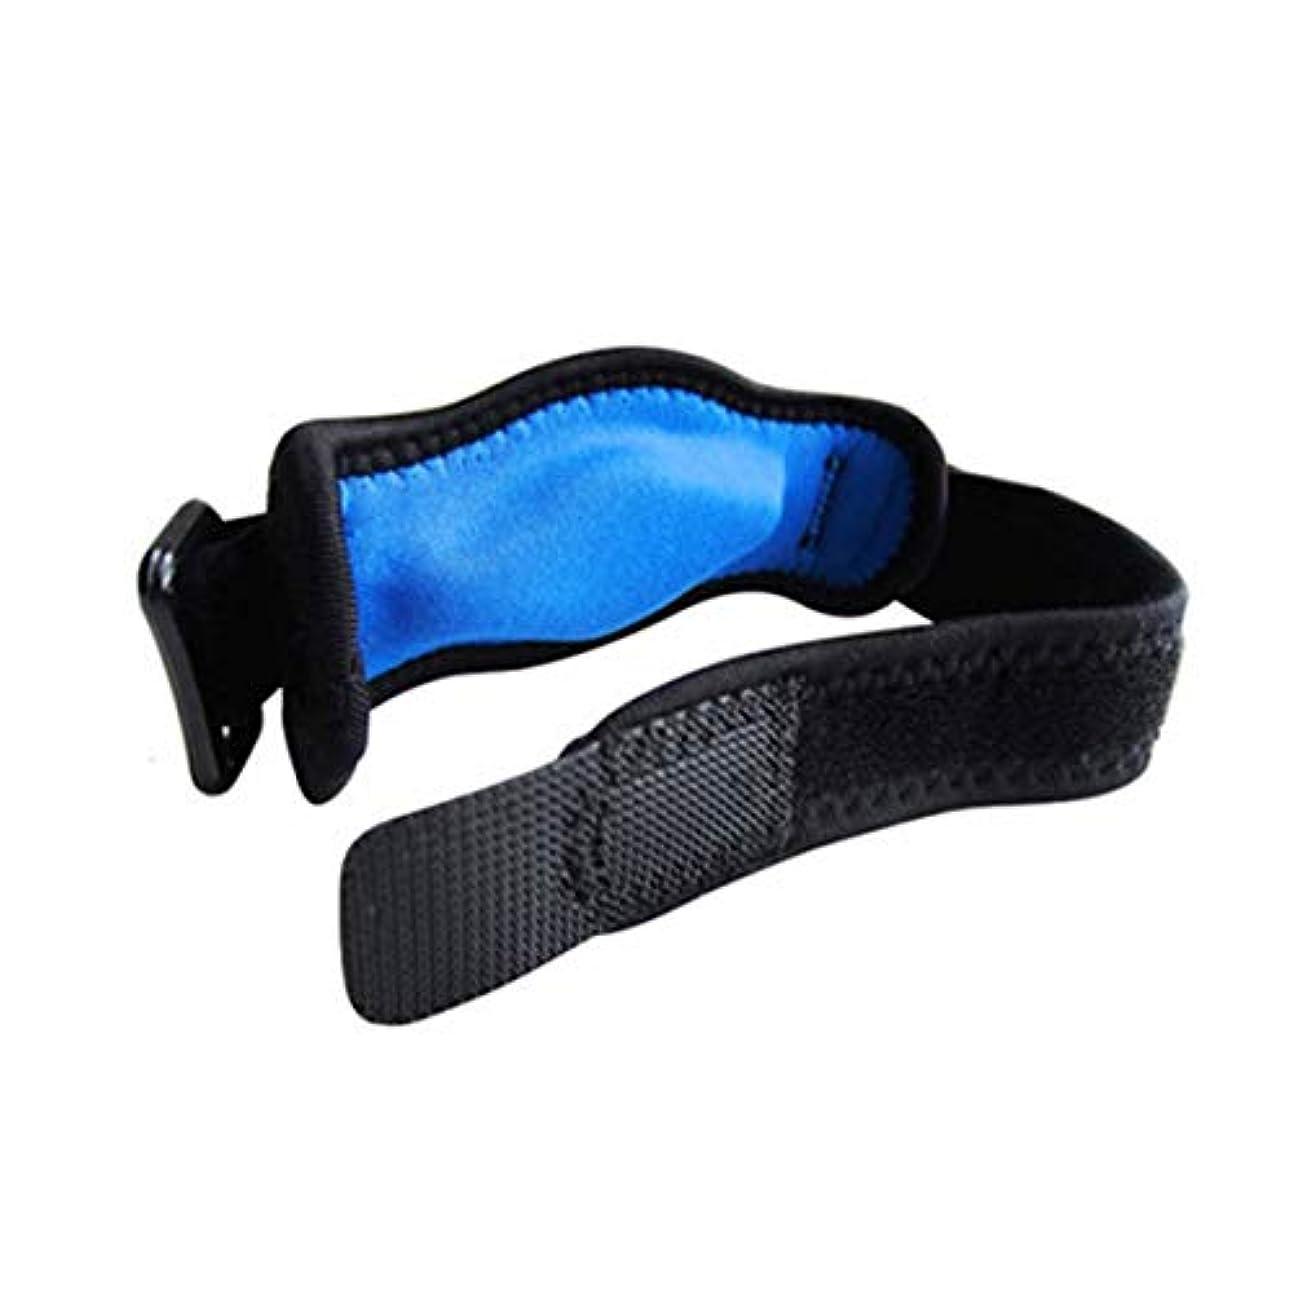 メロドラママークダウンる調整可能なテニス肘サポートストラップブレースゴルフ前腕の痛みの軽減-ブラック